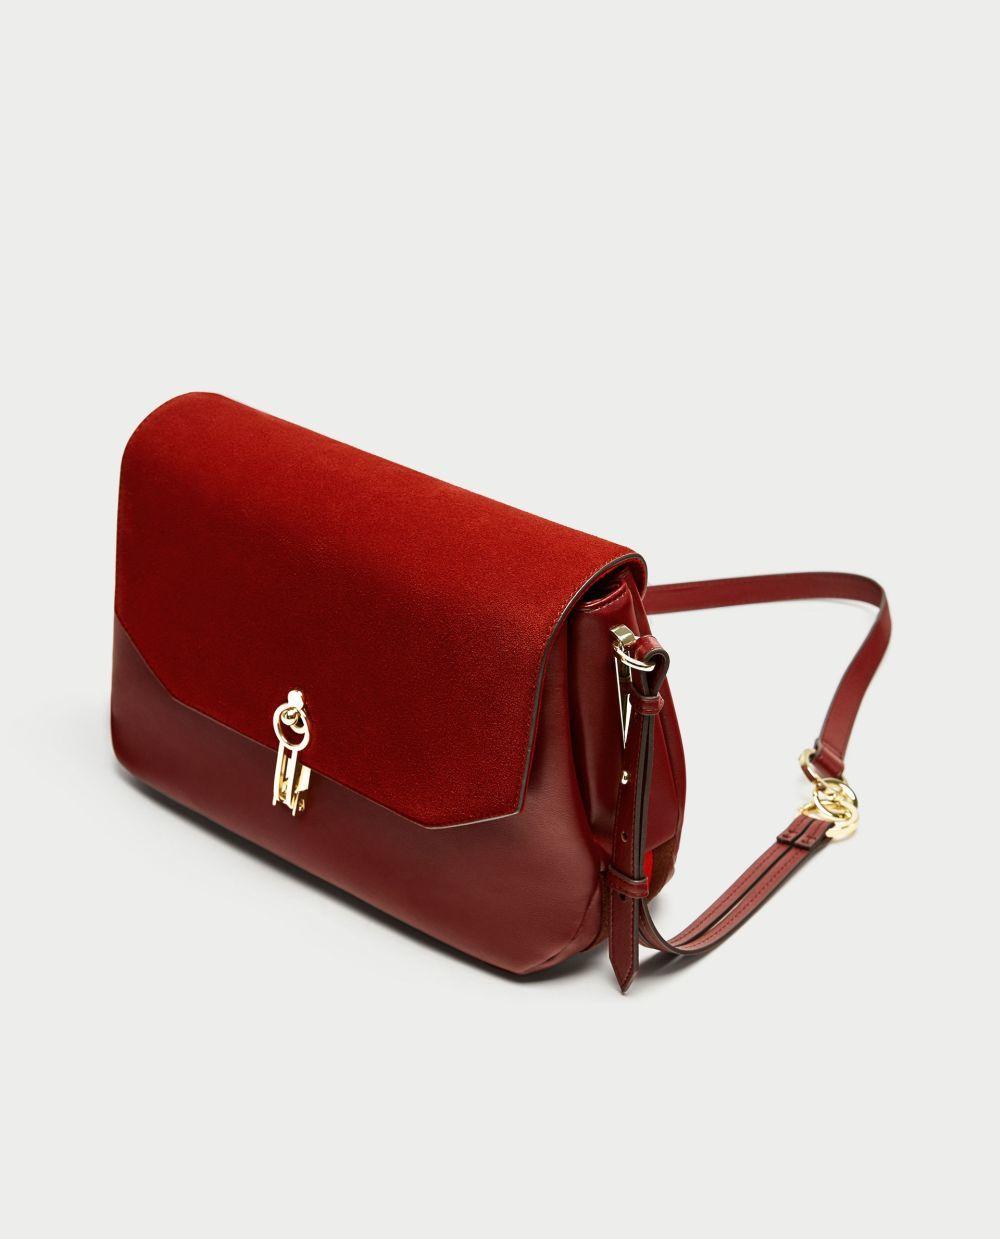 Bolso Zara (39,95 euros)